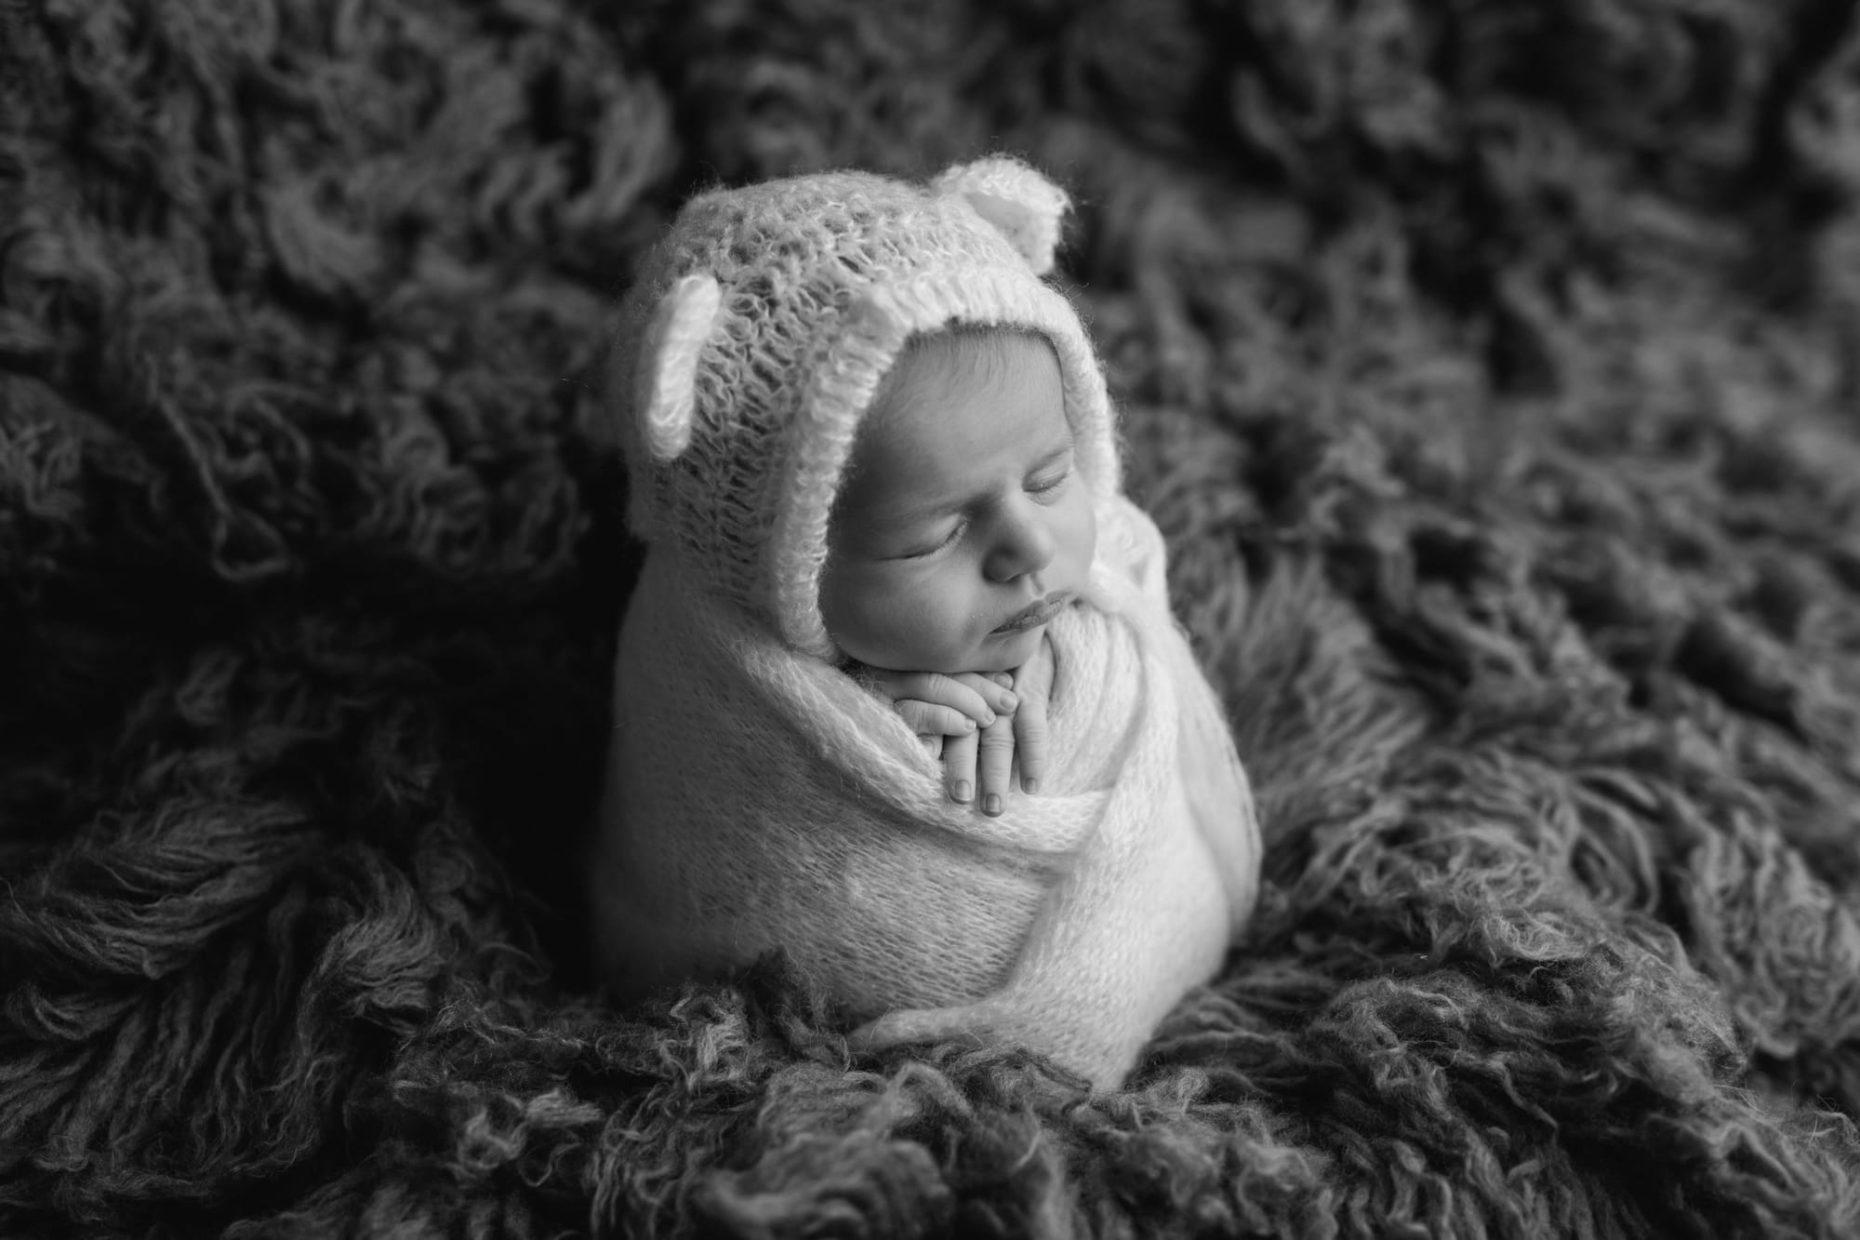 fotografa neonati lucca pisa montecatini versilia forte dei marmi pietrasanta viareggio massa